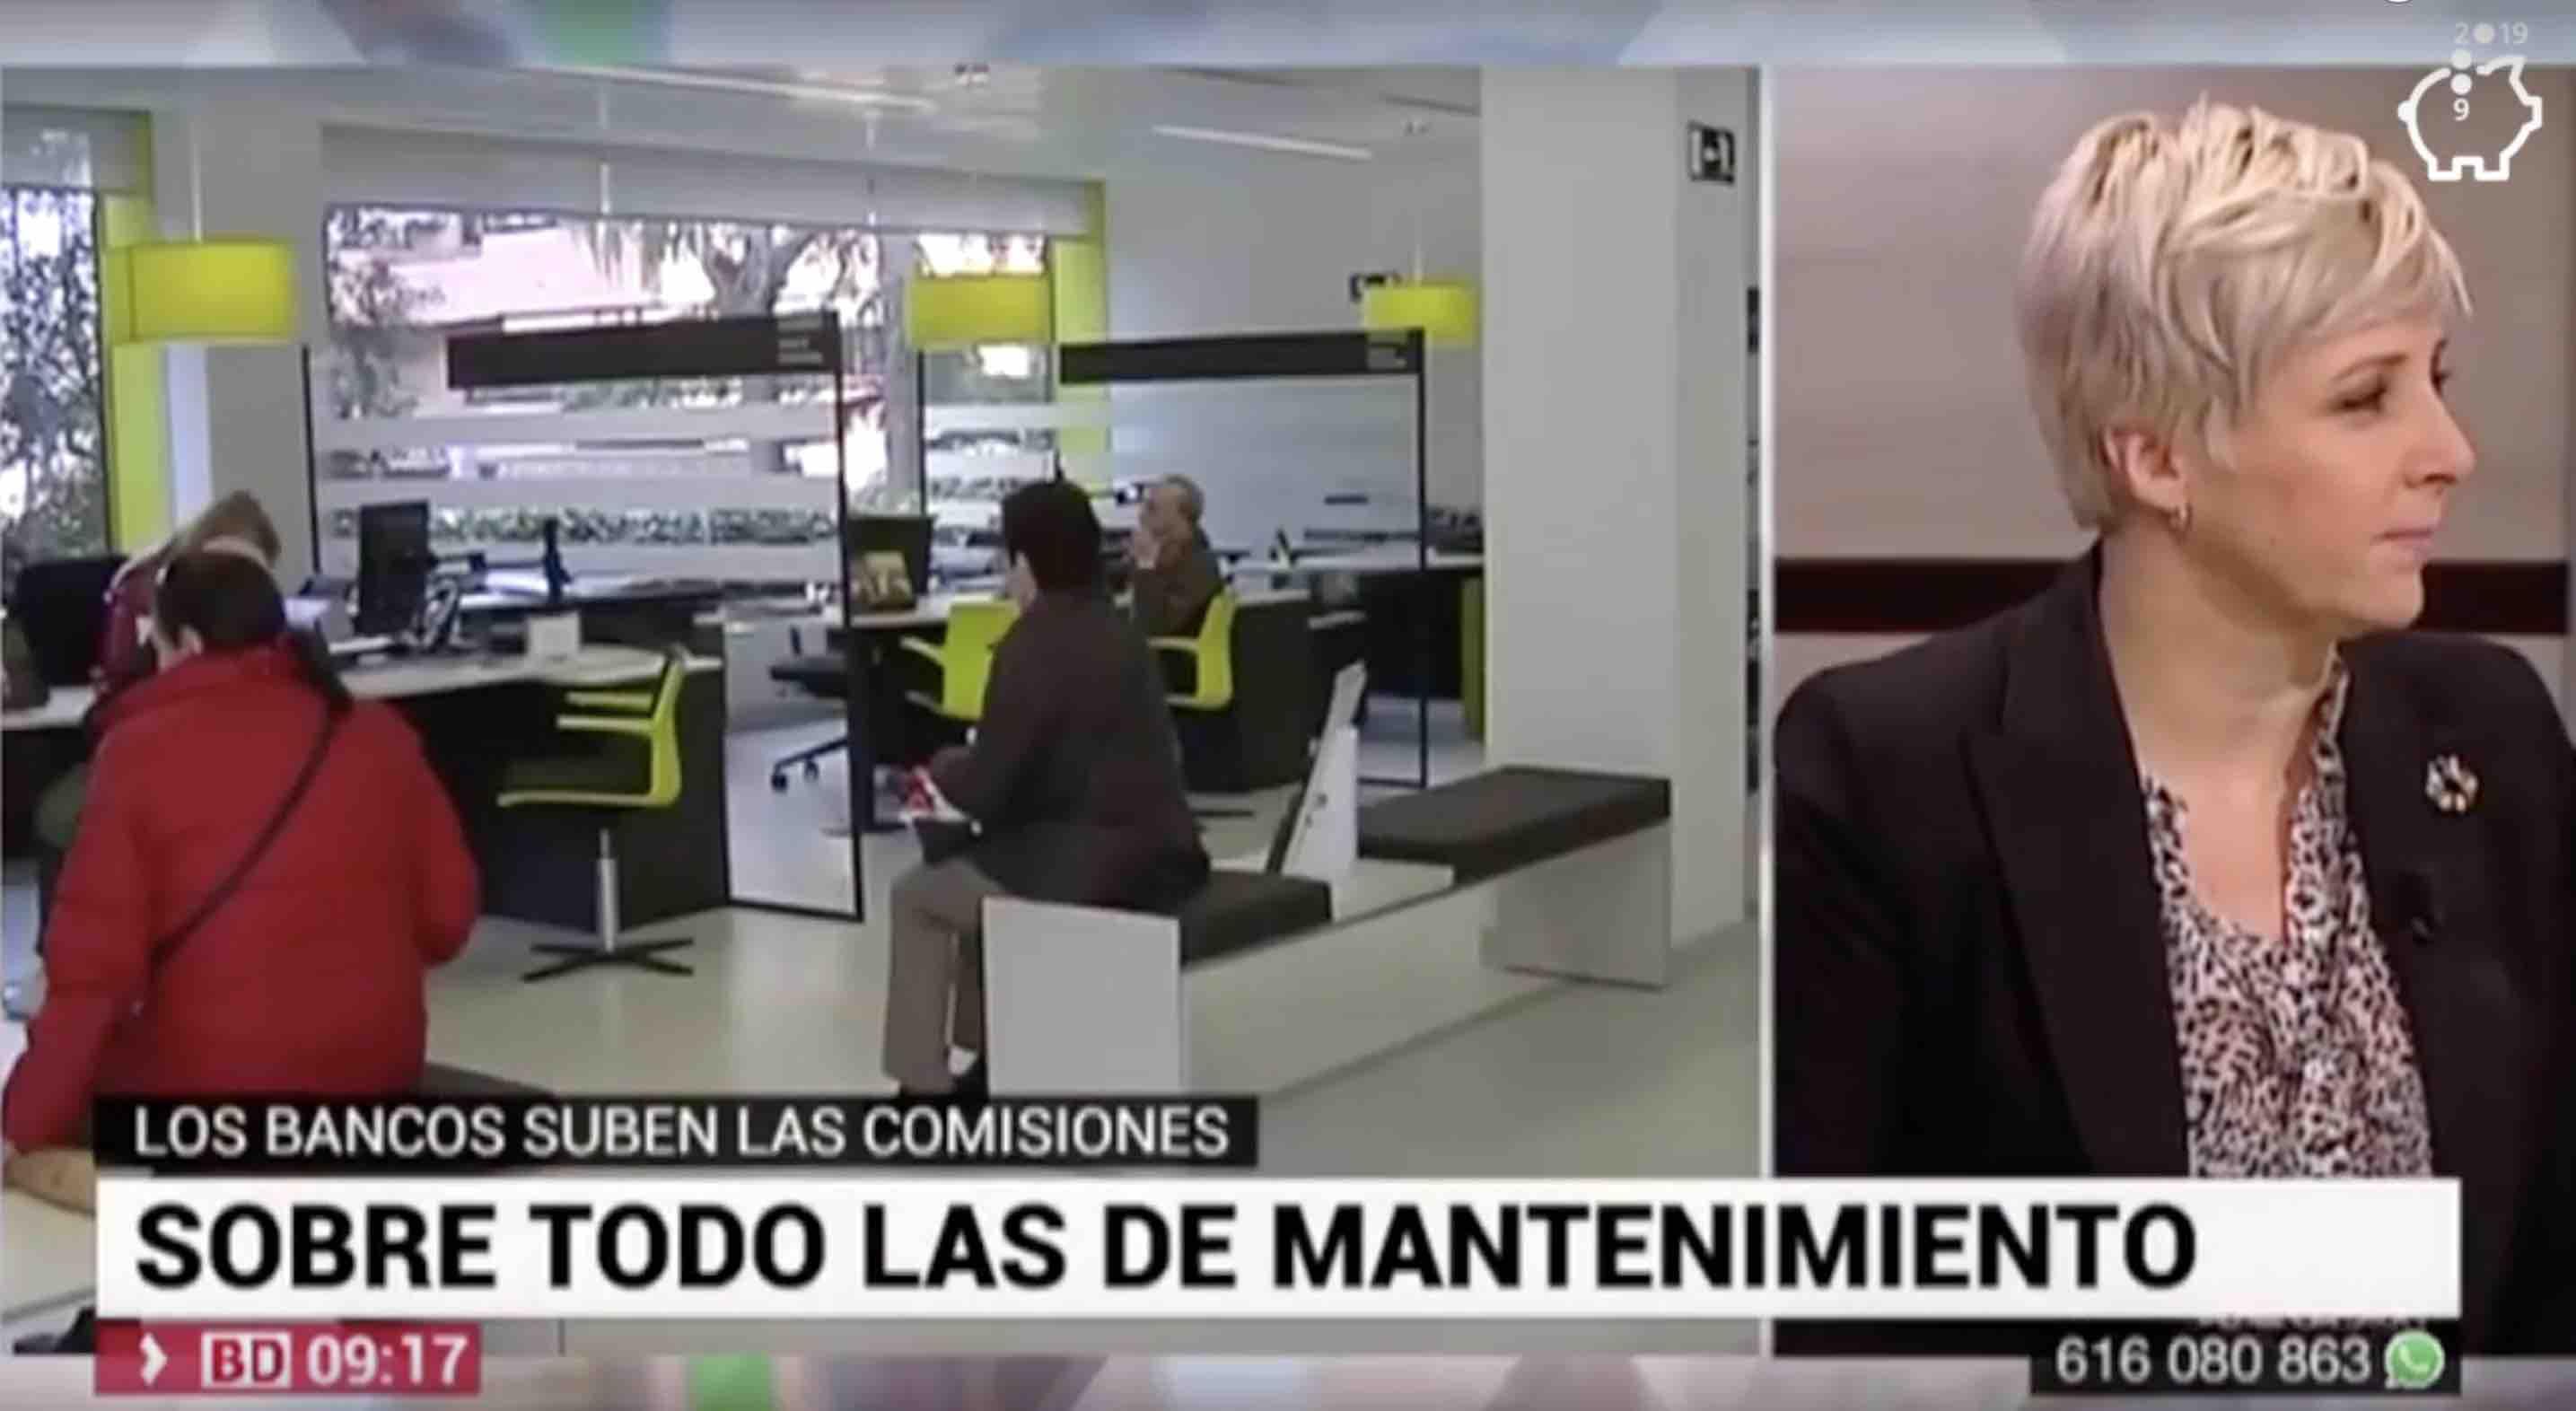 ASUFIN en TELEMADRID sobre comisiones bancarias – 15.10.19